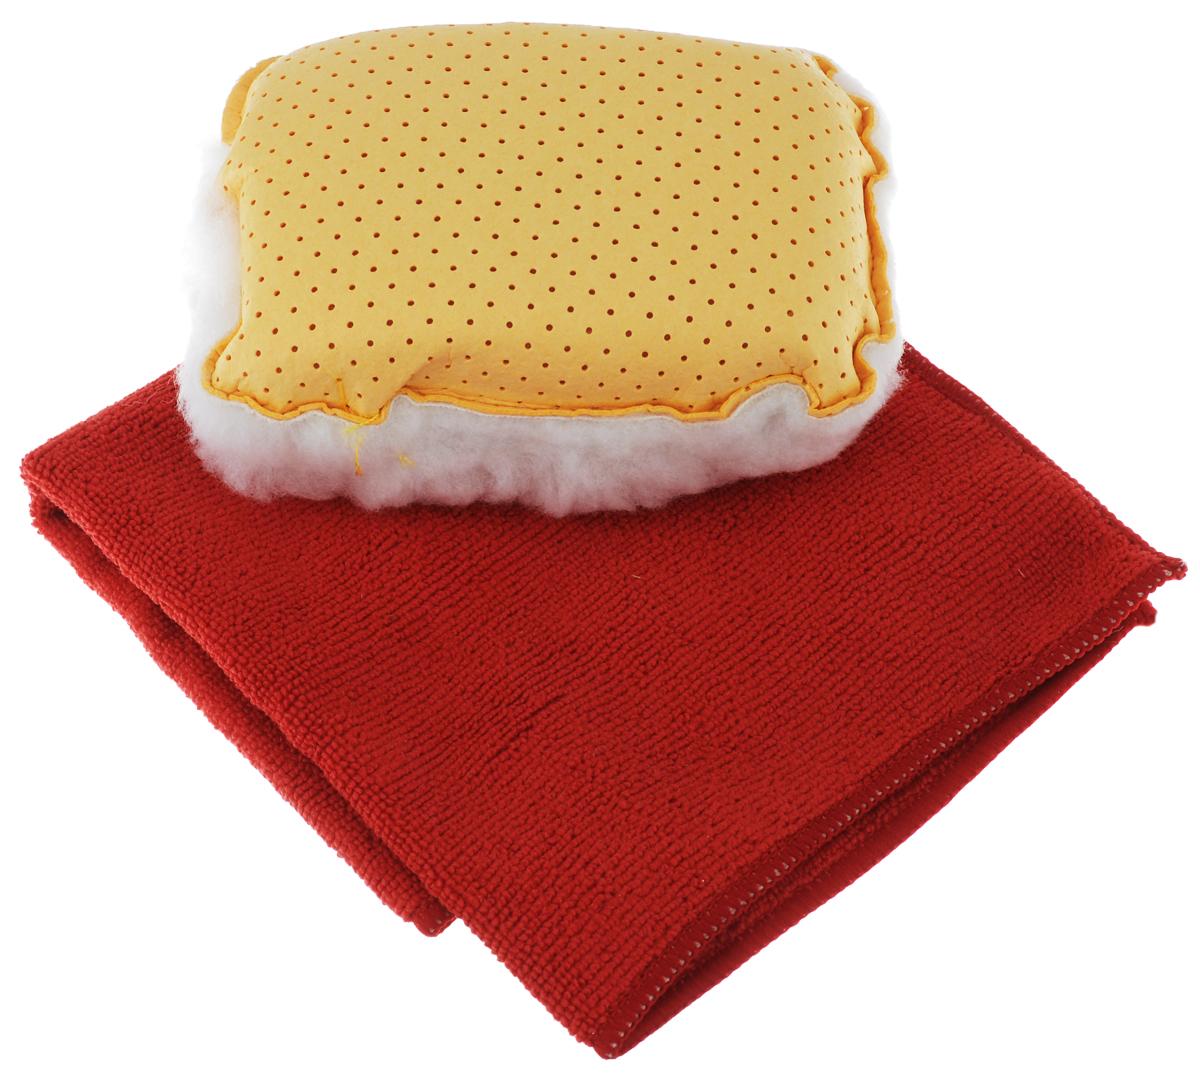 Набор для мытья и полировки автомобиля Pingo, цвет: желтый, красный, 2 предмета5820_желтый, красныйНабор для мытья и полировки автомобиля Pingo состоит из универсальной губки с мехом и салфетки из микрофибры. Универсальная губка с мехом предназначена для удаления влаги или конденсации с запотевших стекол. Меховая сторона губки может применяться для нанесения полироли на кузов автомобиля. Салфетка из микрофибры предназначена для полировки кузова автомобиля, для чистки лобового стекла, пластика и хрома. Может быть использована без химических средств, отлично впитывает воду, пыль и грязь. Сильно загрязненную салфетку промыть в теплой воде. При стирке не использовать отбеливатель и смягчающие средства, не гладить. Состав губки: 80% вискоза, 20% полипропилен, мех, полиэстер, пенополиуретан. Состав салфетки: 70% полиэстер, 30% полиамид. Размер губки: 13 х 9 х 5 см. Размер салфетки: 32 х 32 см.